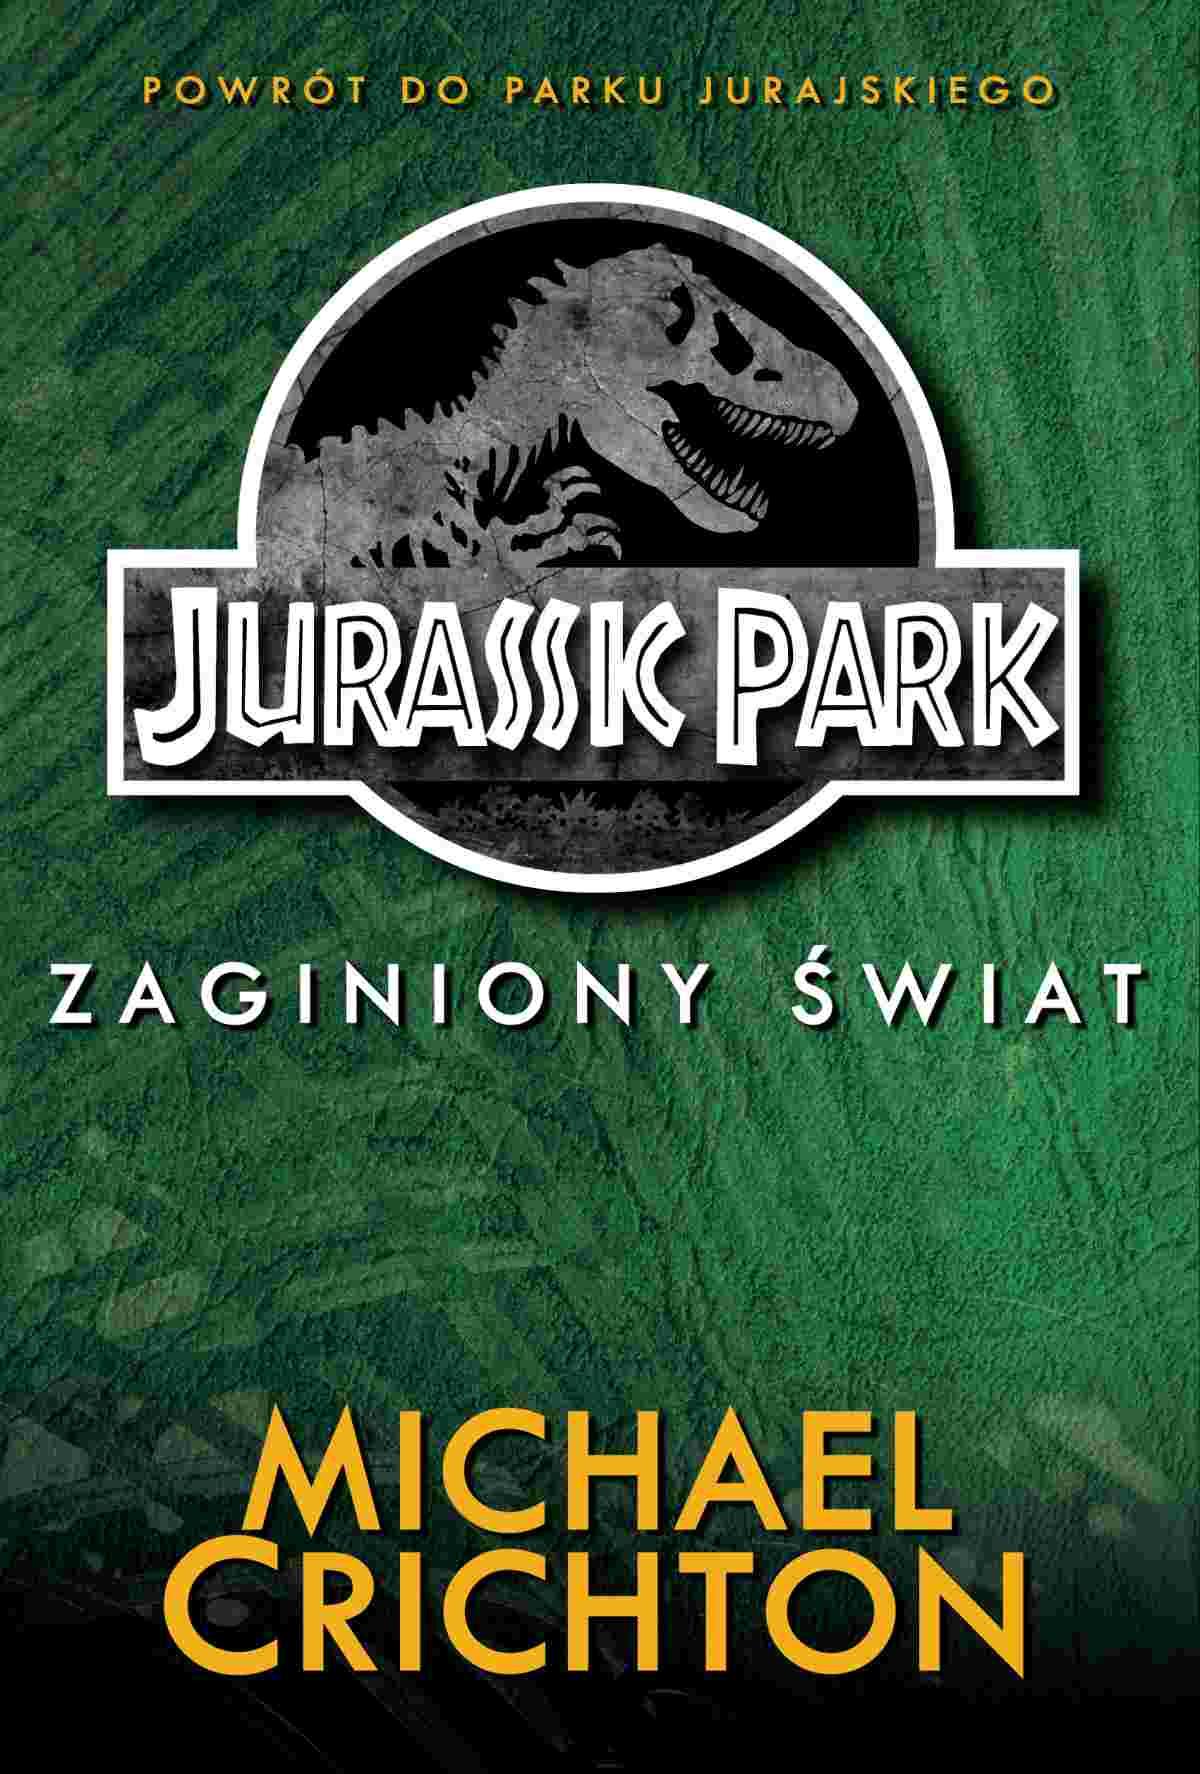 Jurassic Park. Zaginiony Świat - Ebook (Książka na Kindle) do pobrania w formacie MOBI